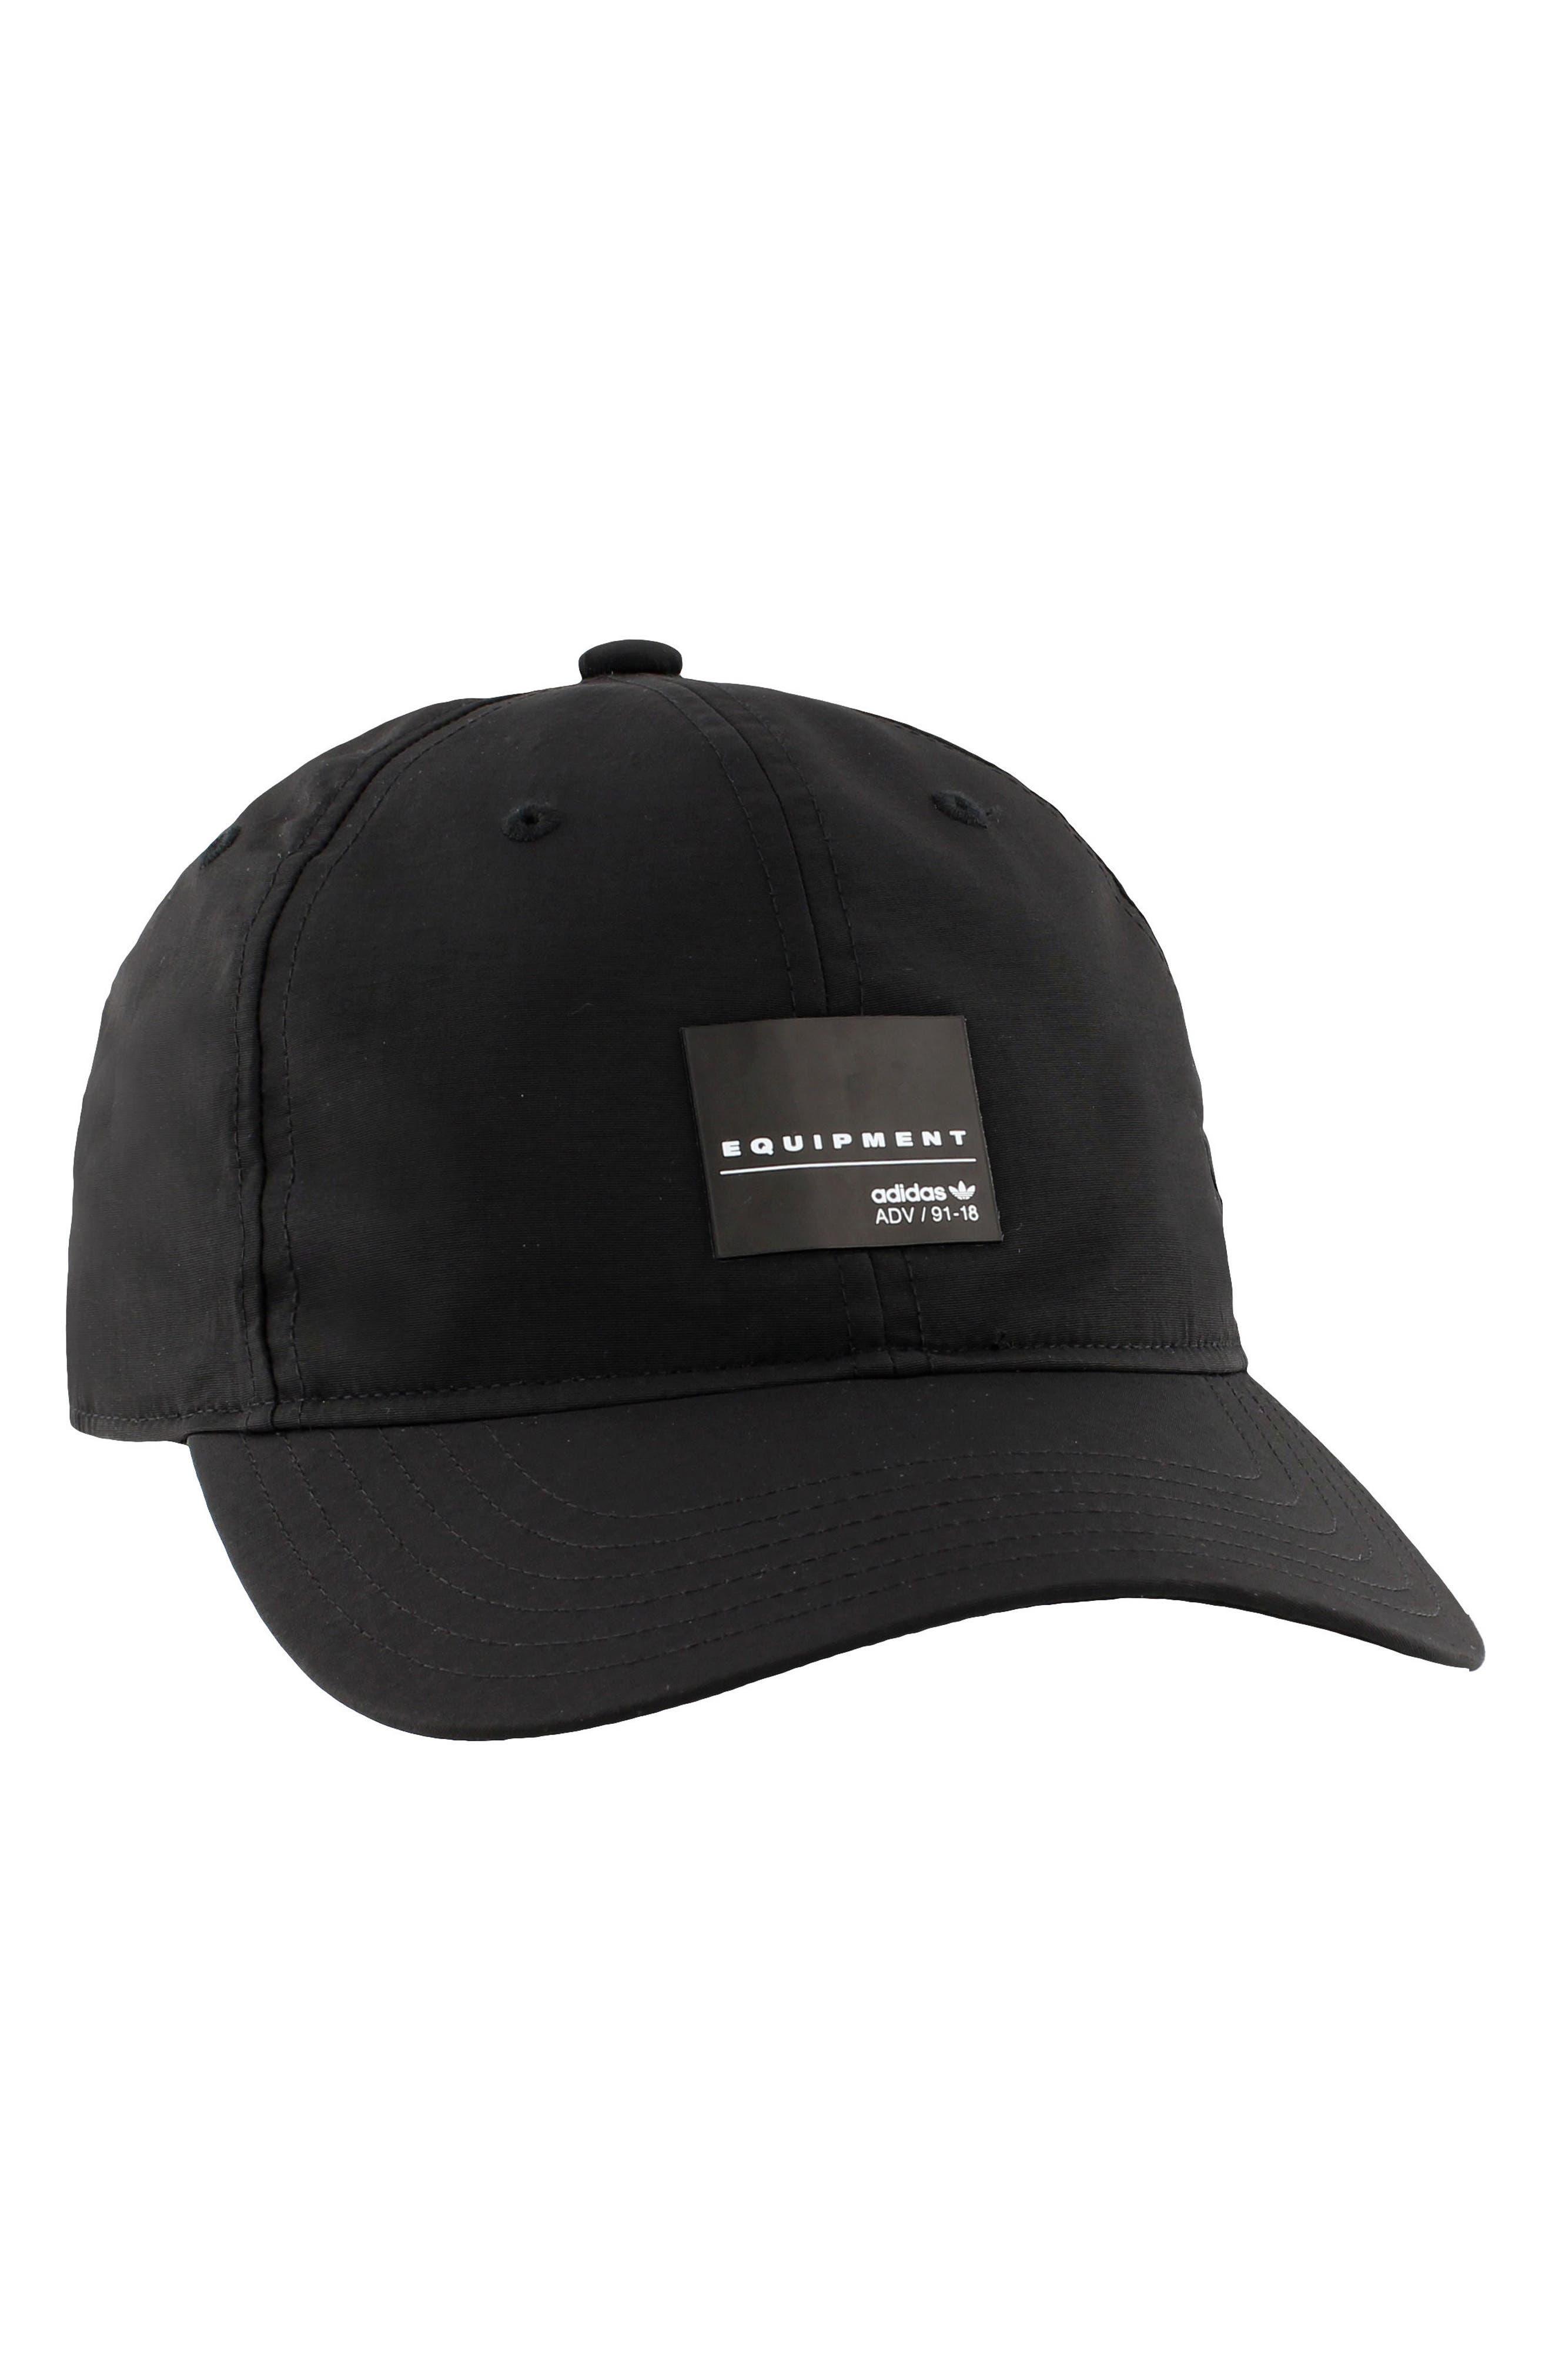 EQT Label Ball Cap,                             Alternate thumbnail 3, color,                             Black/ White